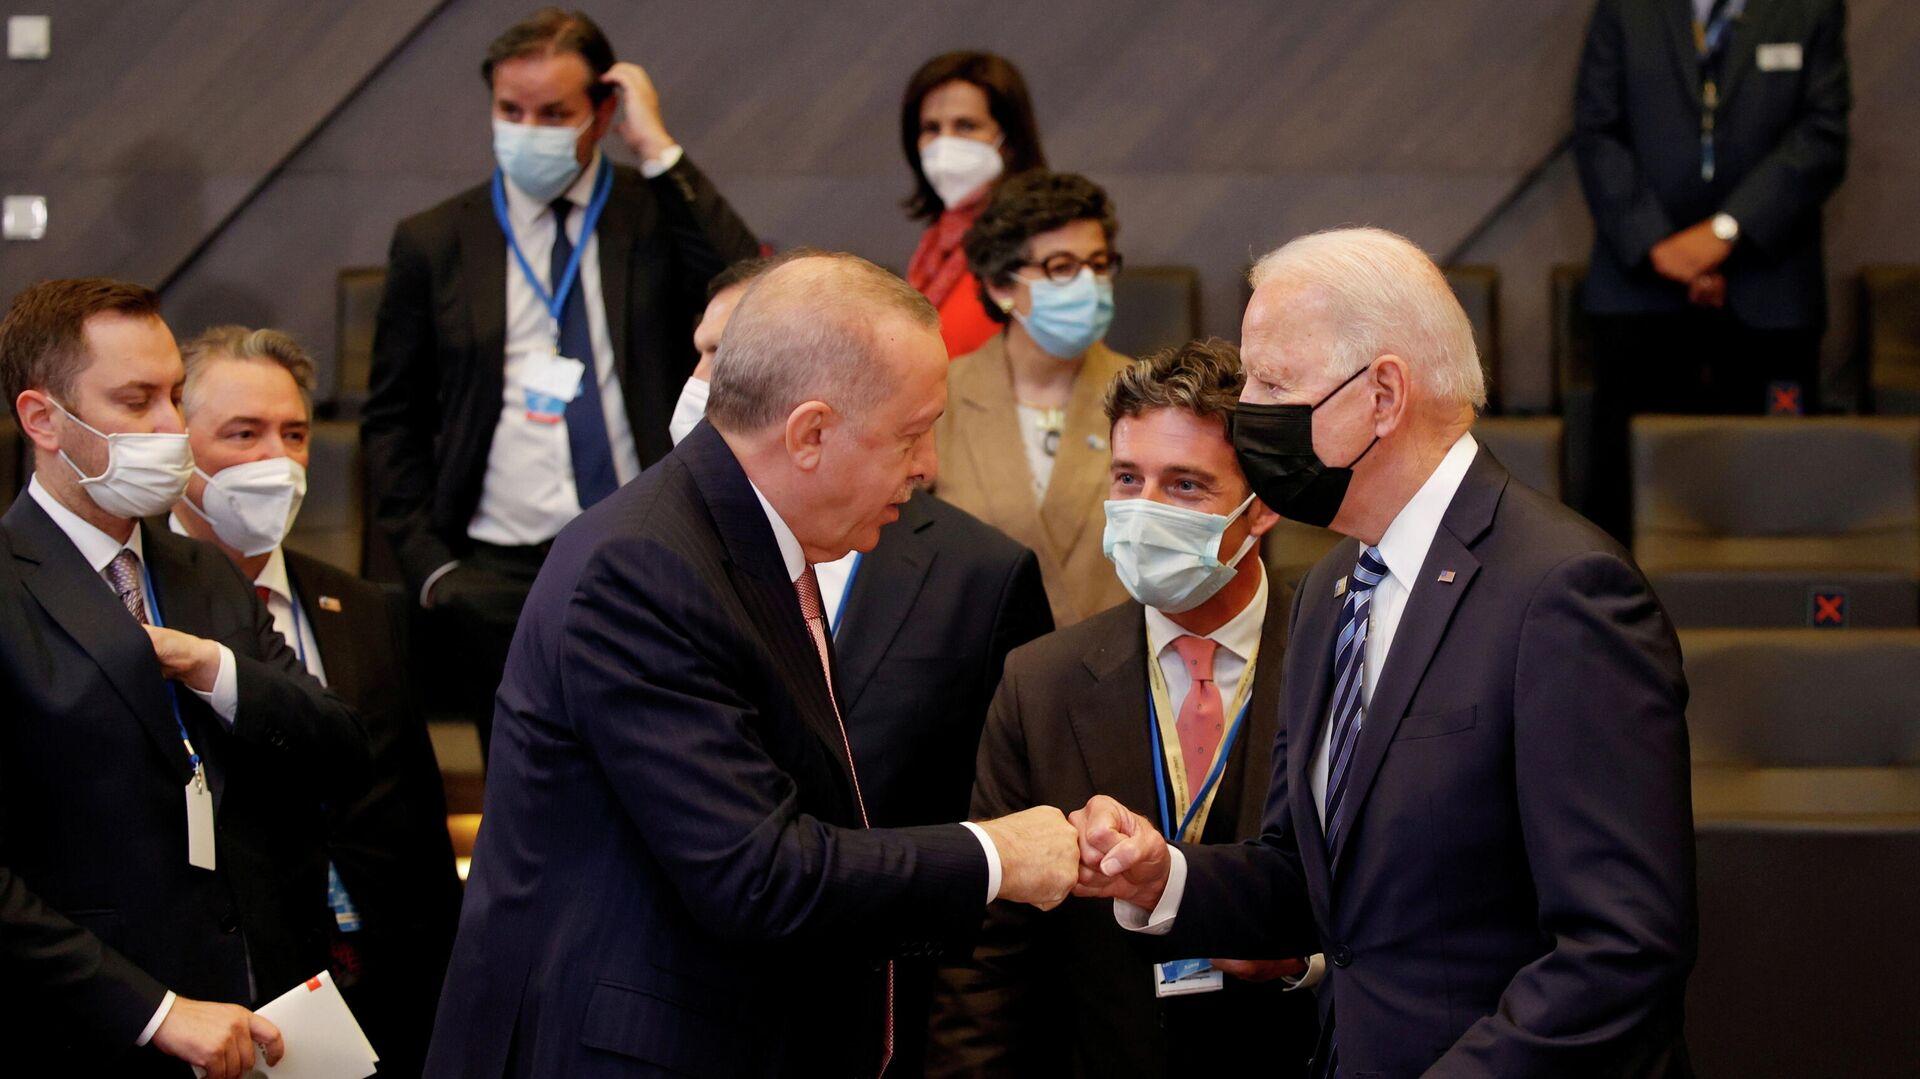 El mandatario turco, Recep Tayyip Erdogan, y el presidente de Estados Unidos, Joe Biden - Sputnik Mundo, 1920, 18.06.2021